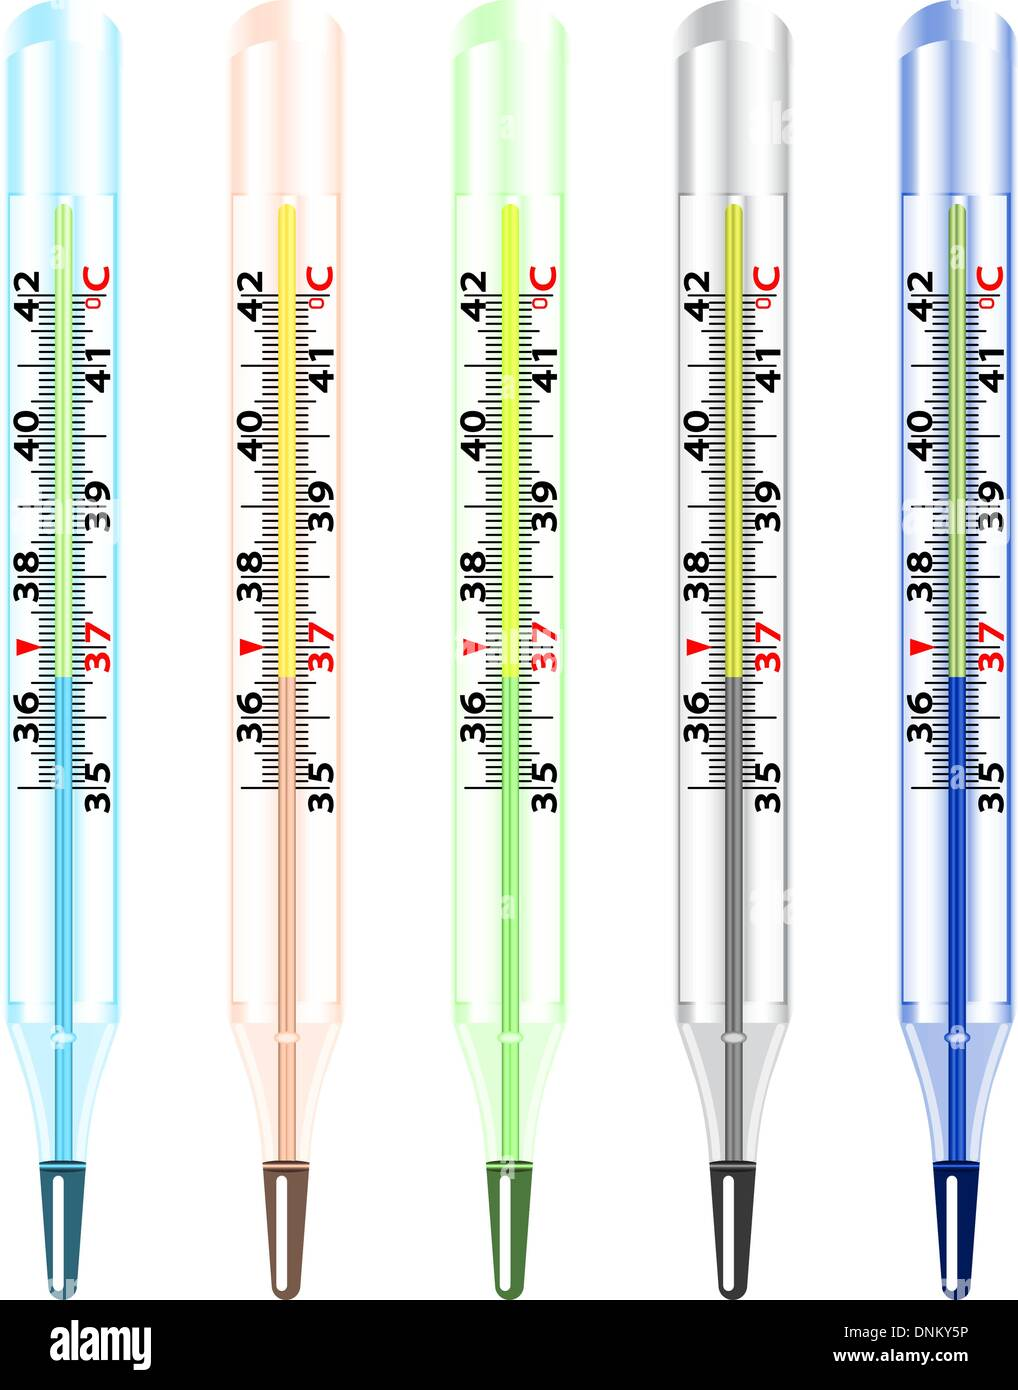 Thermomètre à mercure en verre médical sur fond blanc. Photo Stock